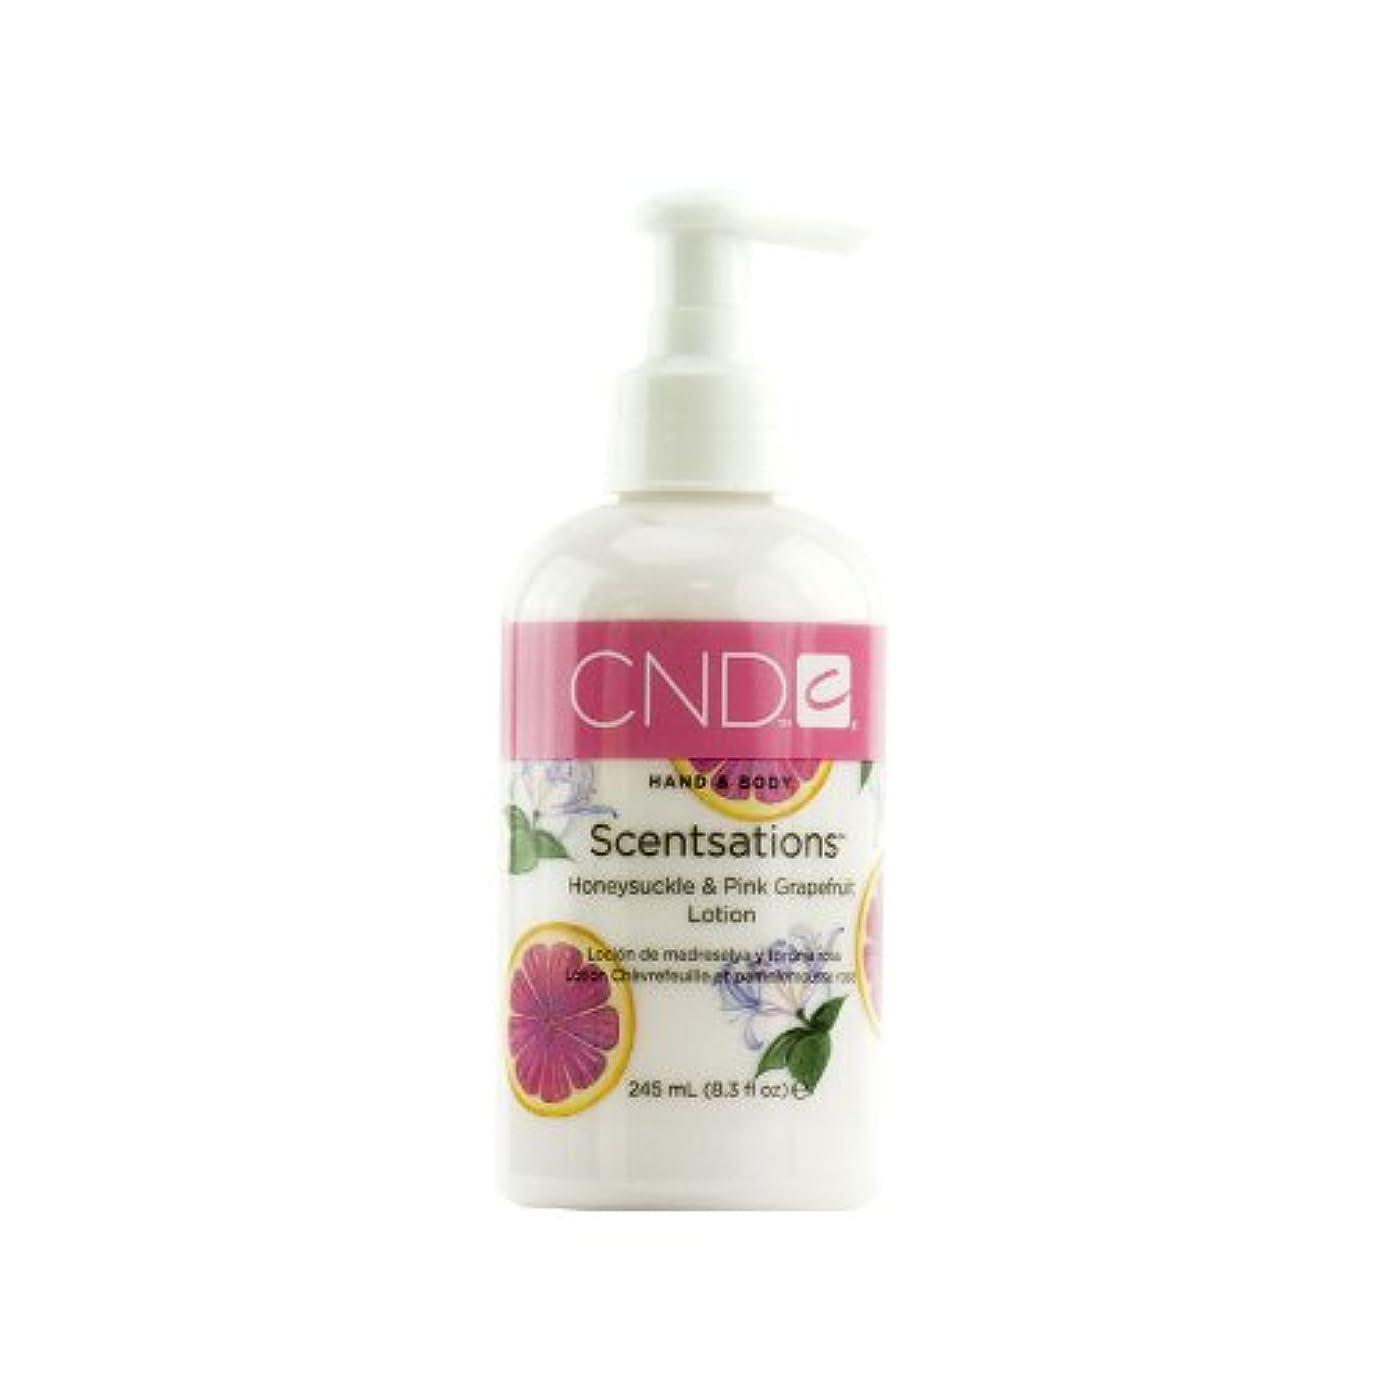 誘惑担保世代CND センセーション ハンド&ボディローション ハニーサックル&ピンクグレープフルーツ 245ml みずみずしいフェミニンな香り